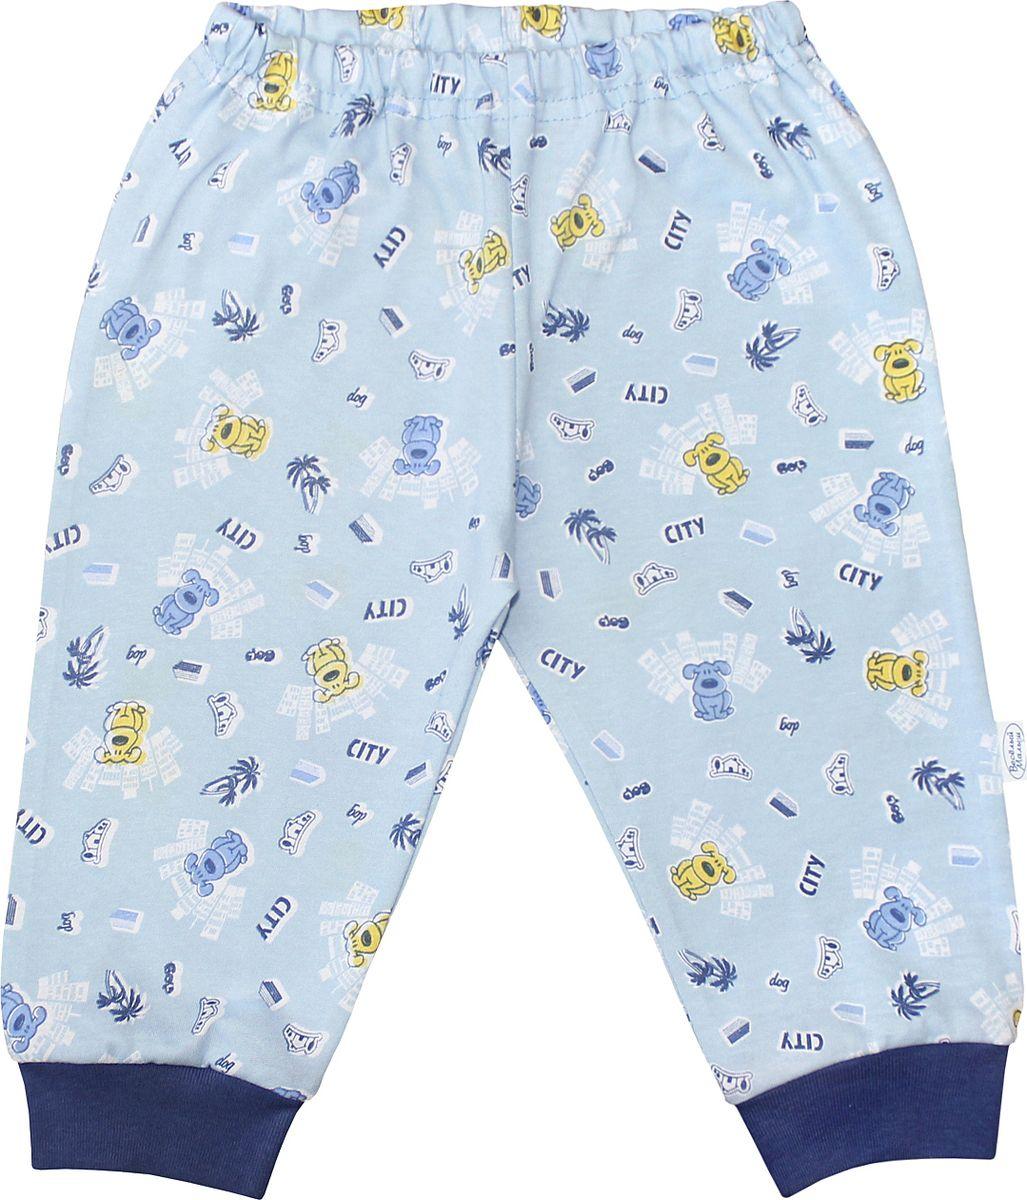 Штанишки для мальчика Веселый малыш One, цвет: голубой. 33170/one-F (1)_городской пес. Размер 86 брюки джинсы и штанишки веселый малыш штанишки мото